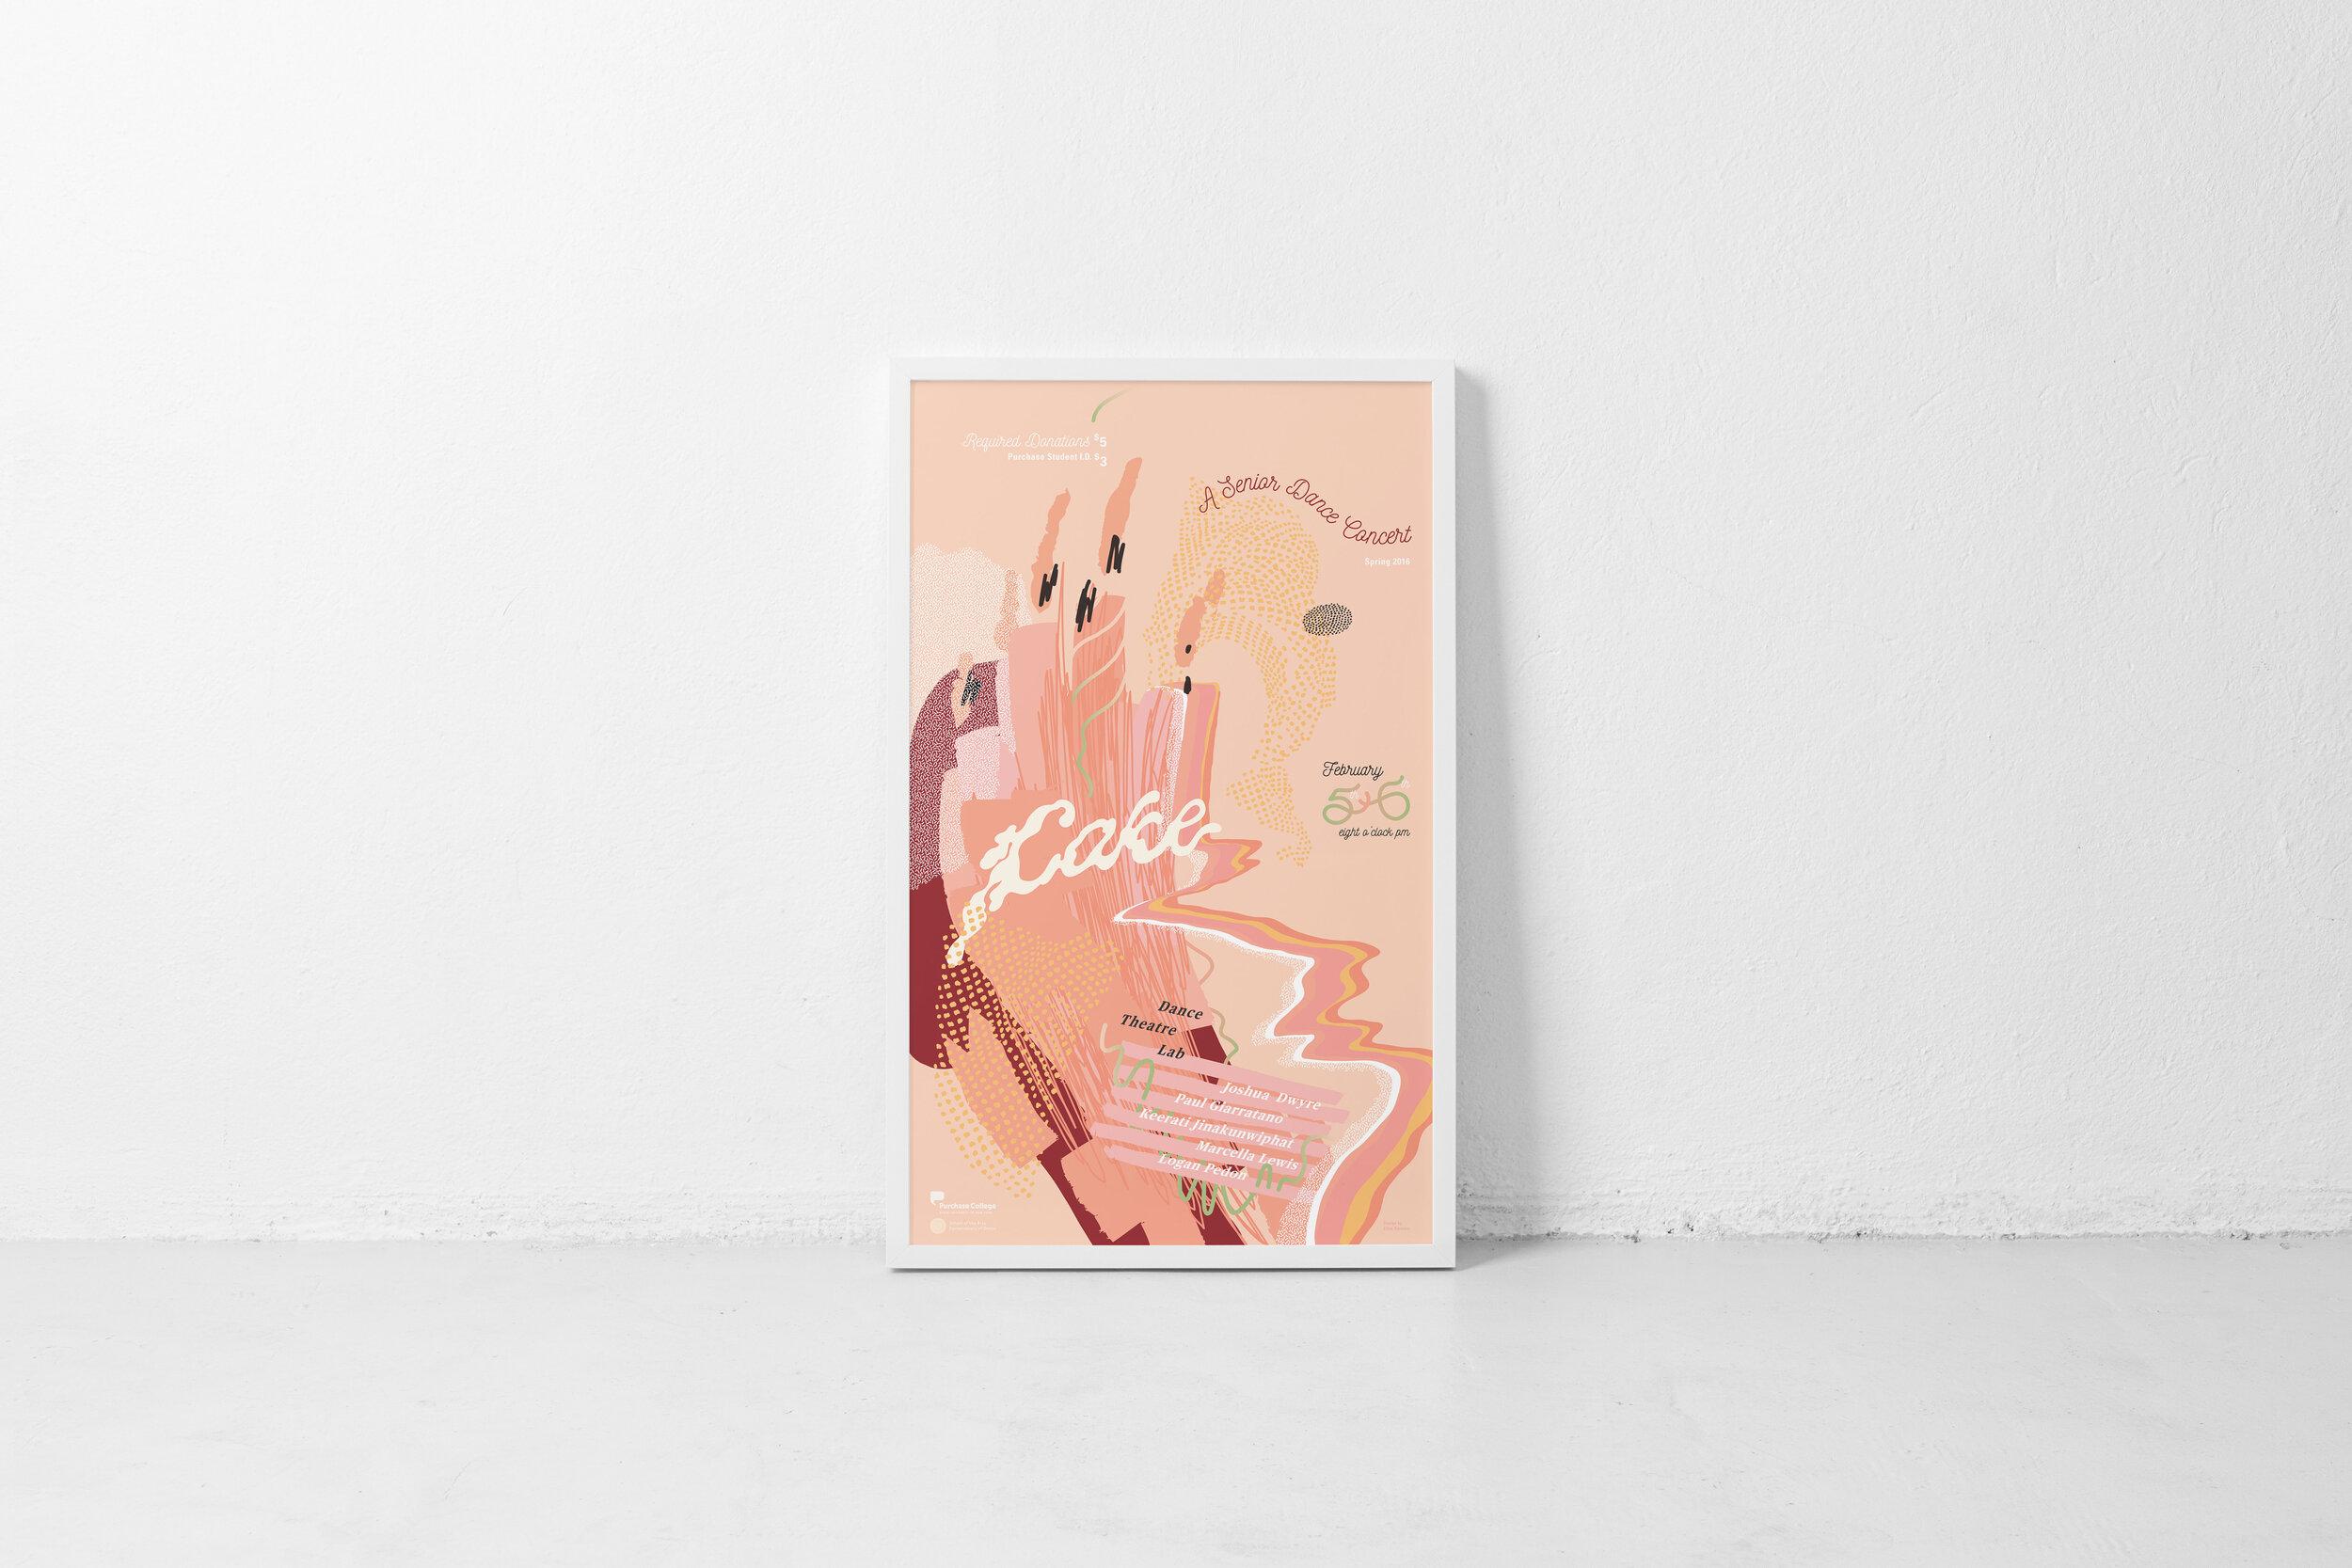 Cake_Poster_Frame.jpg